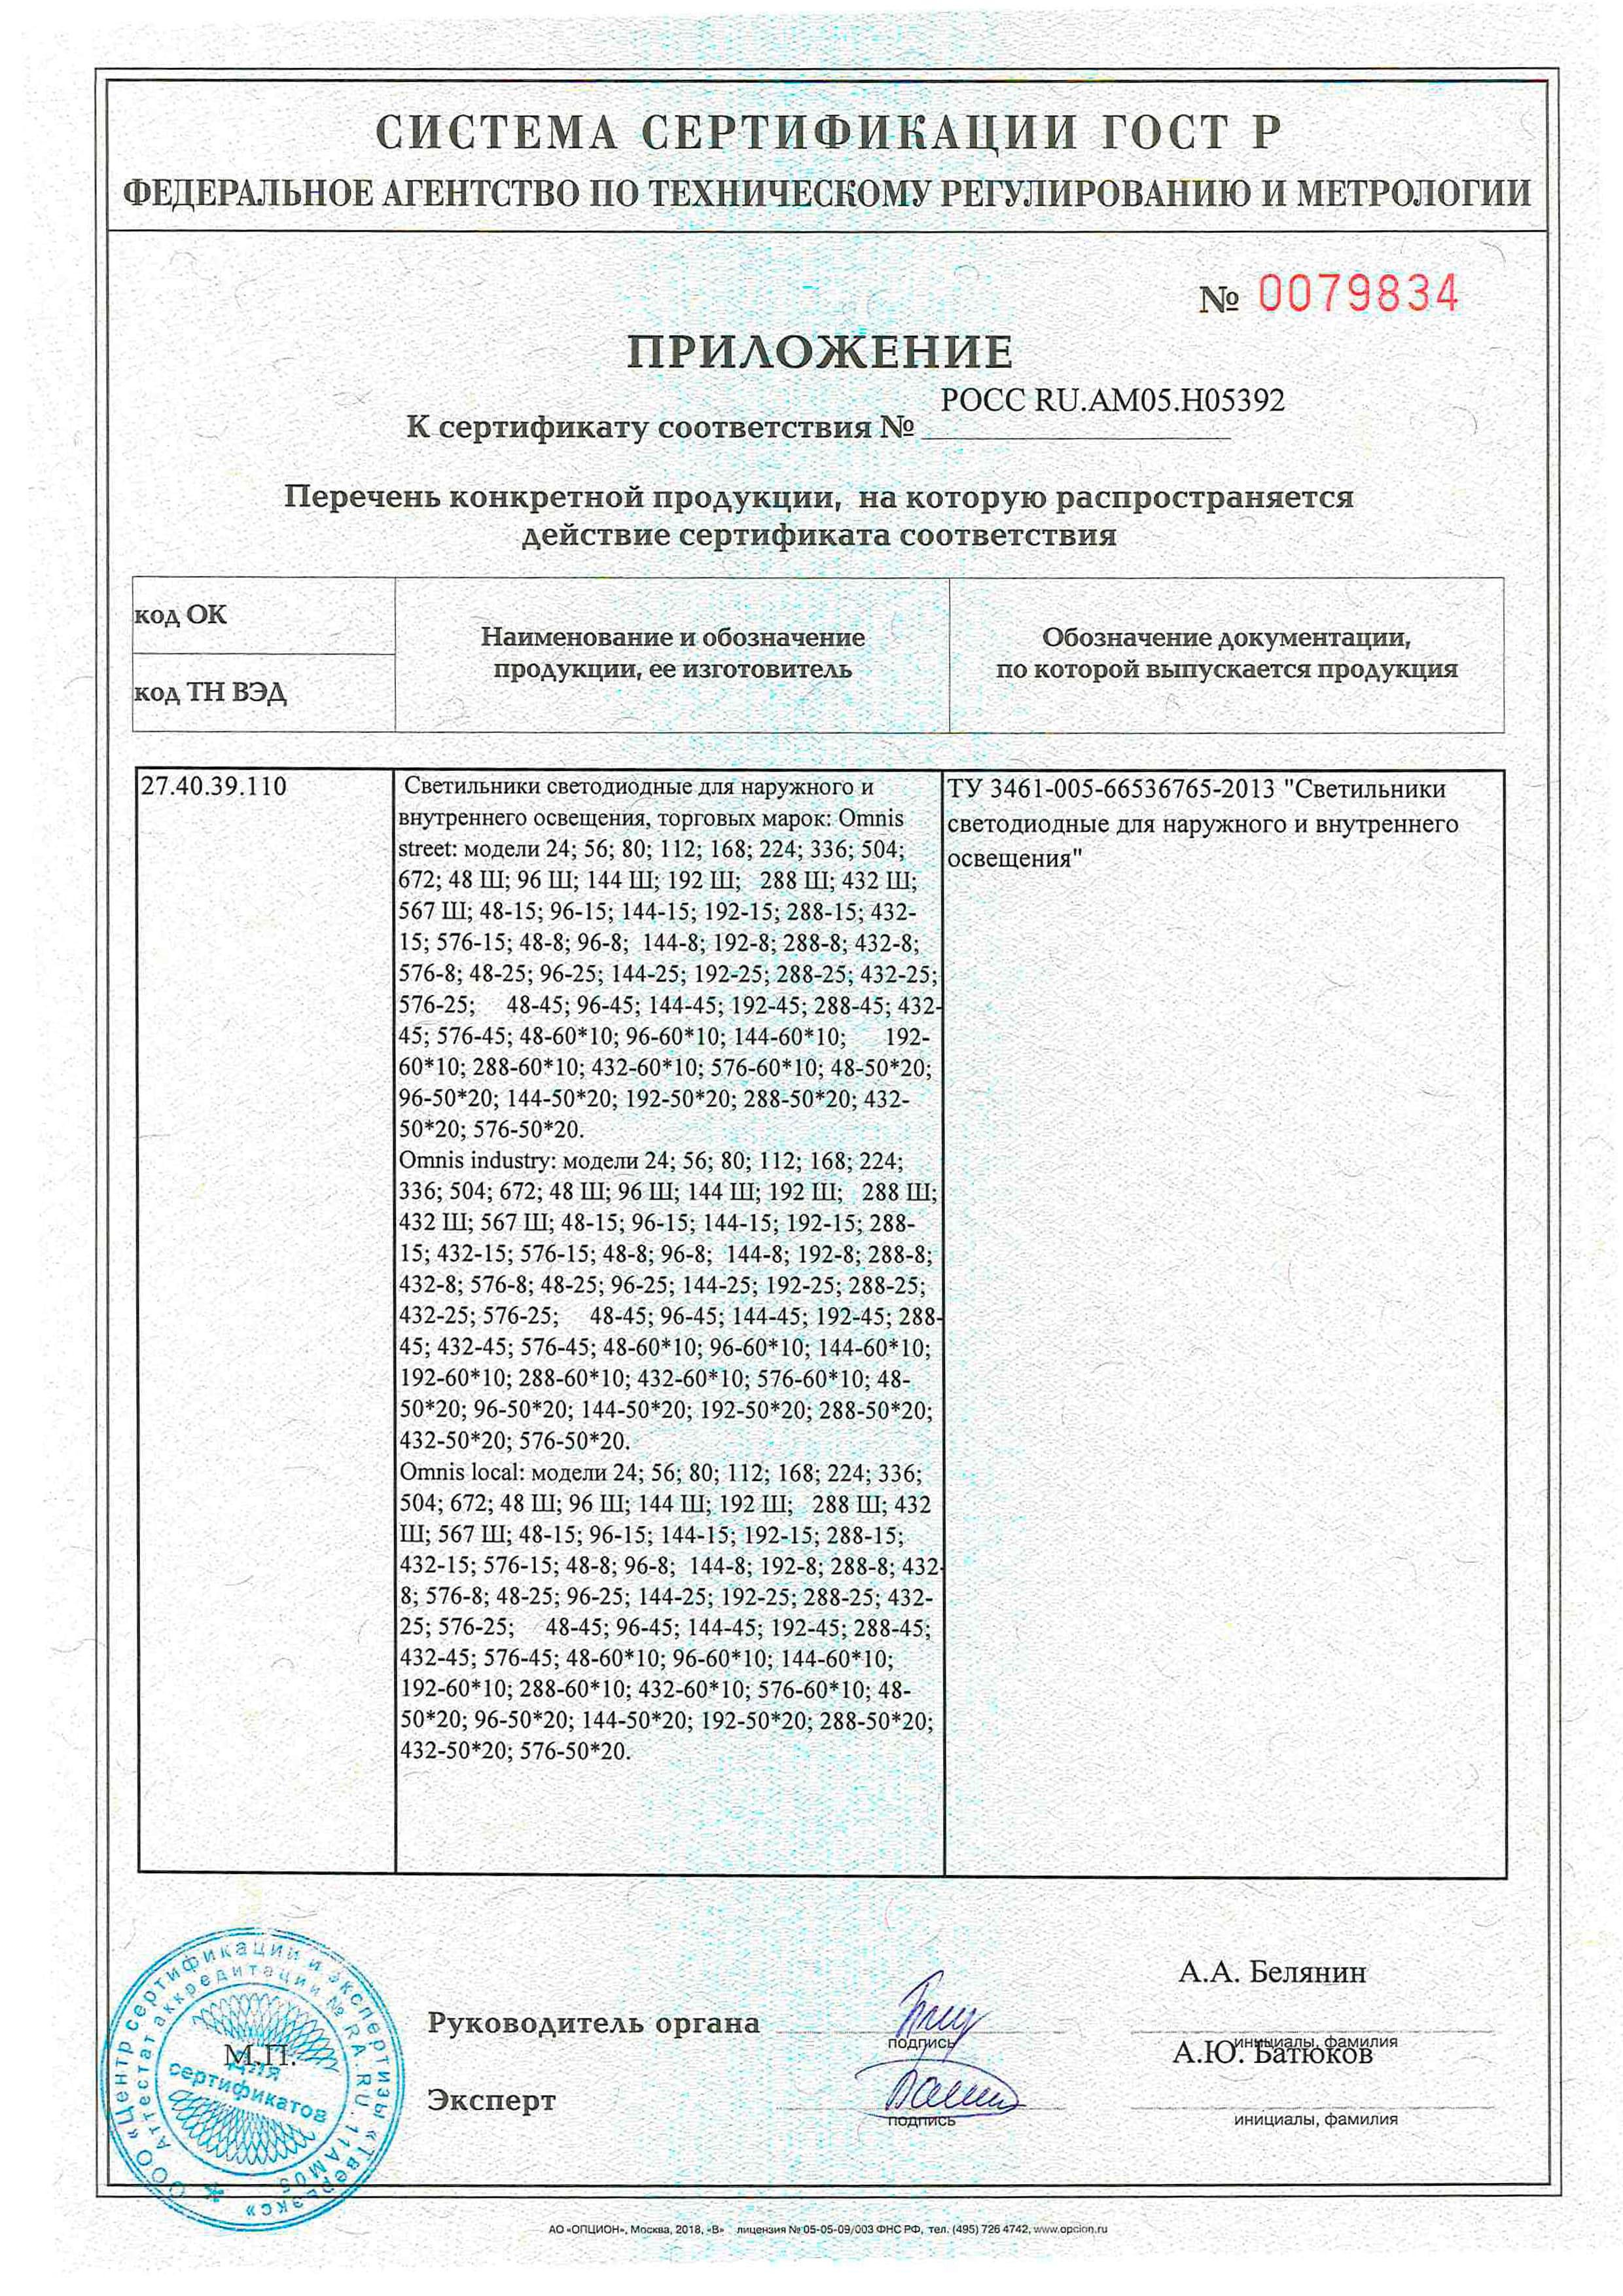 file/sertefikati/prilozhenie_k_sertifikatu_tamozhennogo_soyuza_na_omnis.jpg